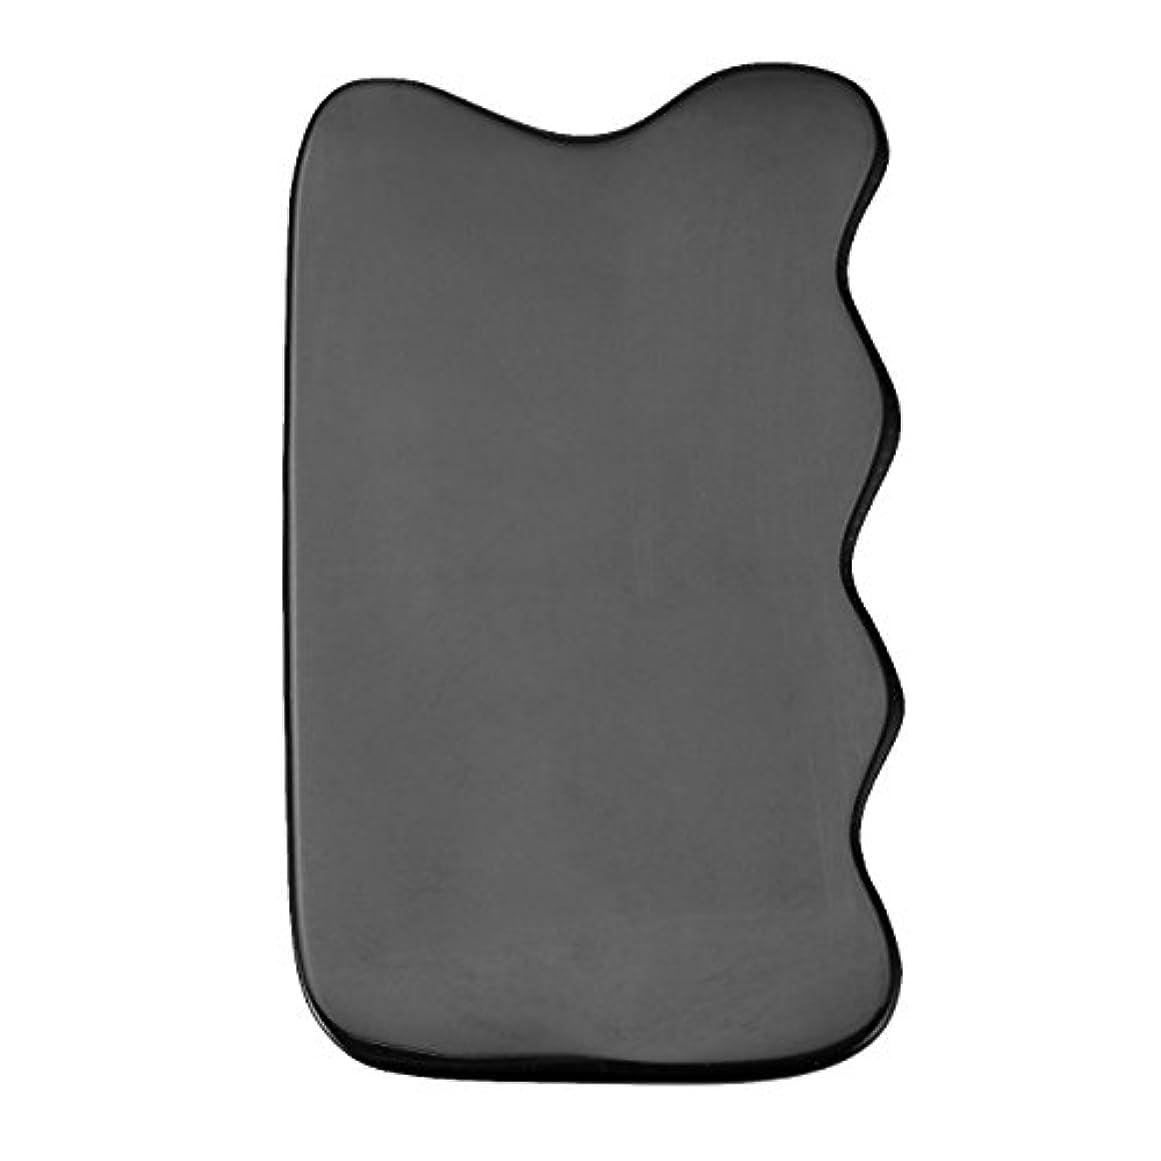 光電慈悲しっとりJovivi Mak カッサリフトプレート ブラック 牛角 パワーストーン カッサ板 美顔 カッサボード カッサマッサージ道具 ギフトバッグを提供 (波状)